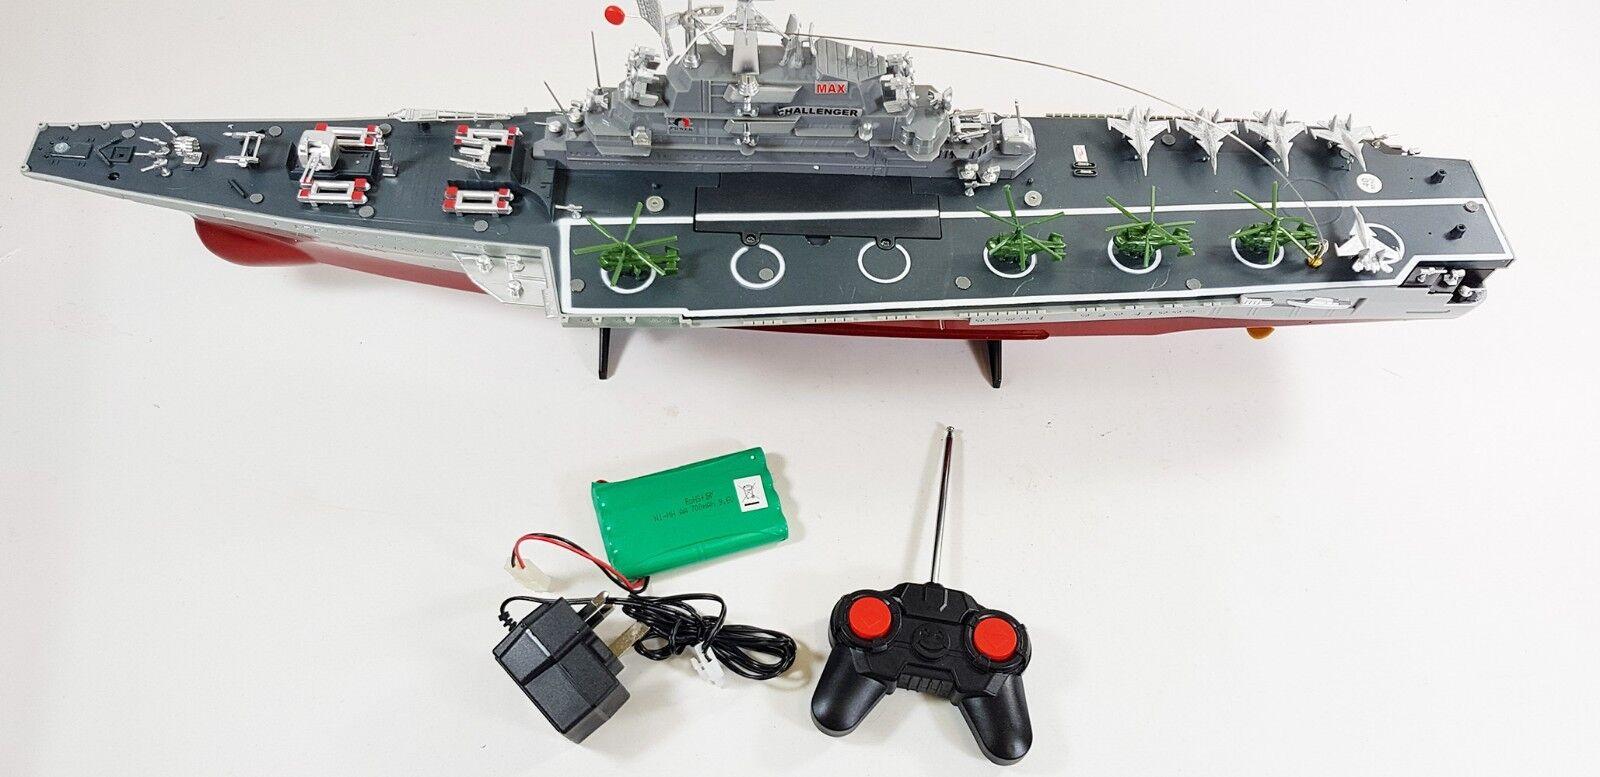 Venta De Navidad Reino Unido Radio Control Rc Modelo portaaviones barco de guerra Batalla barco de velocidad